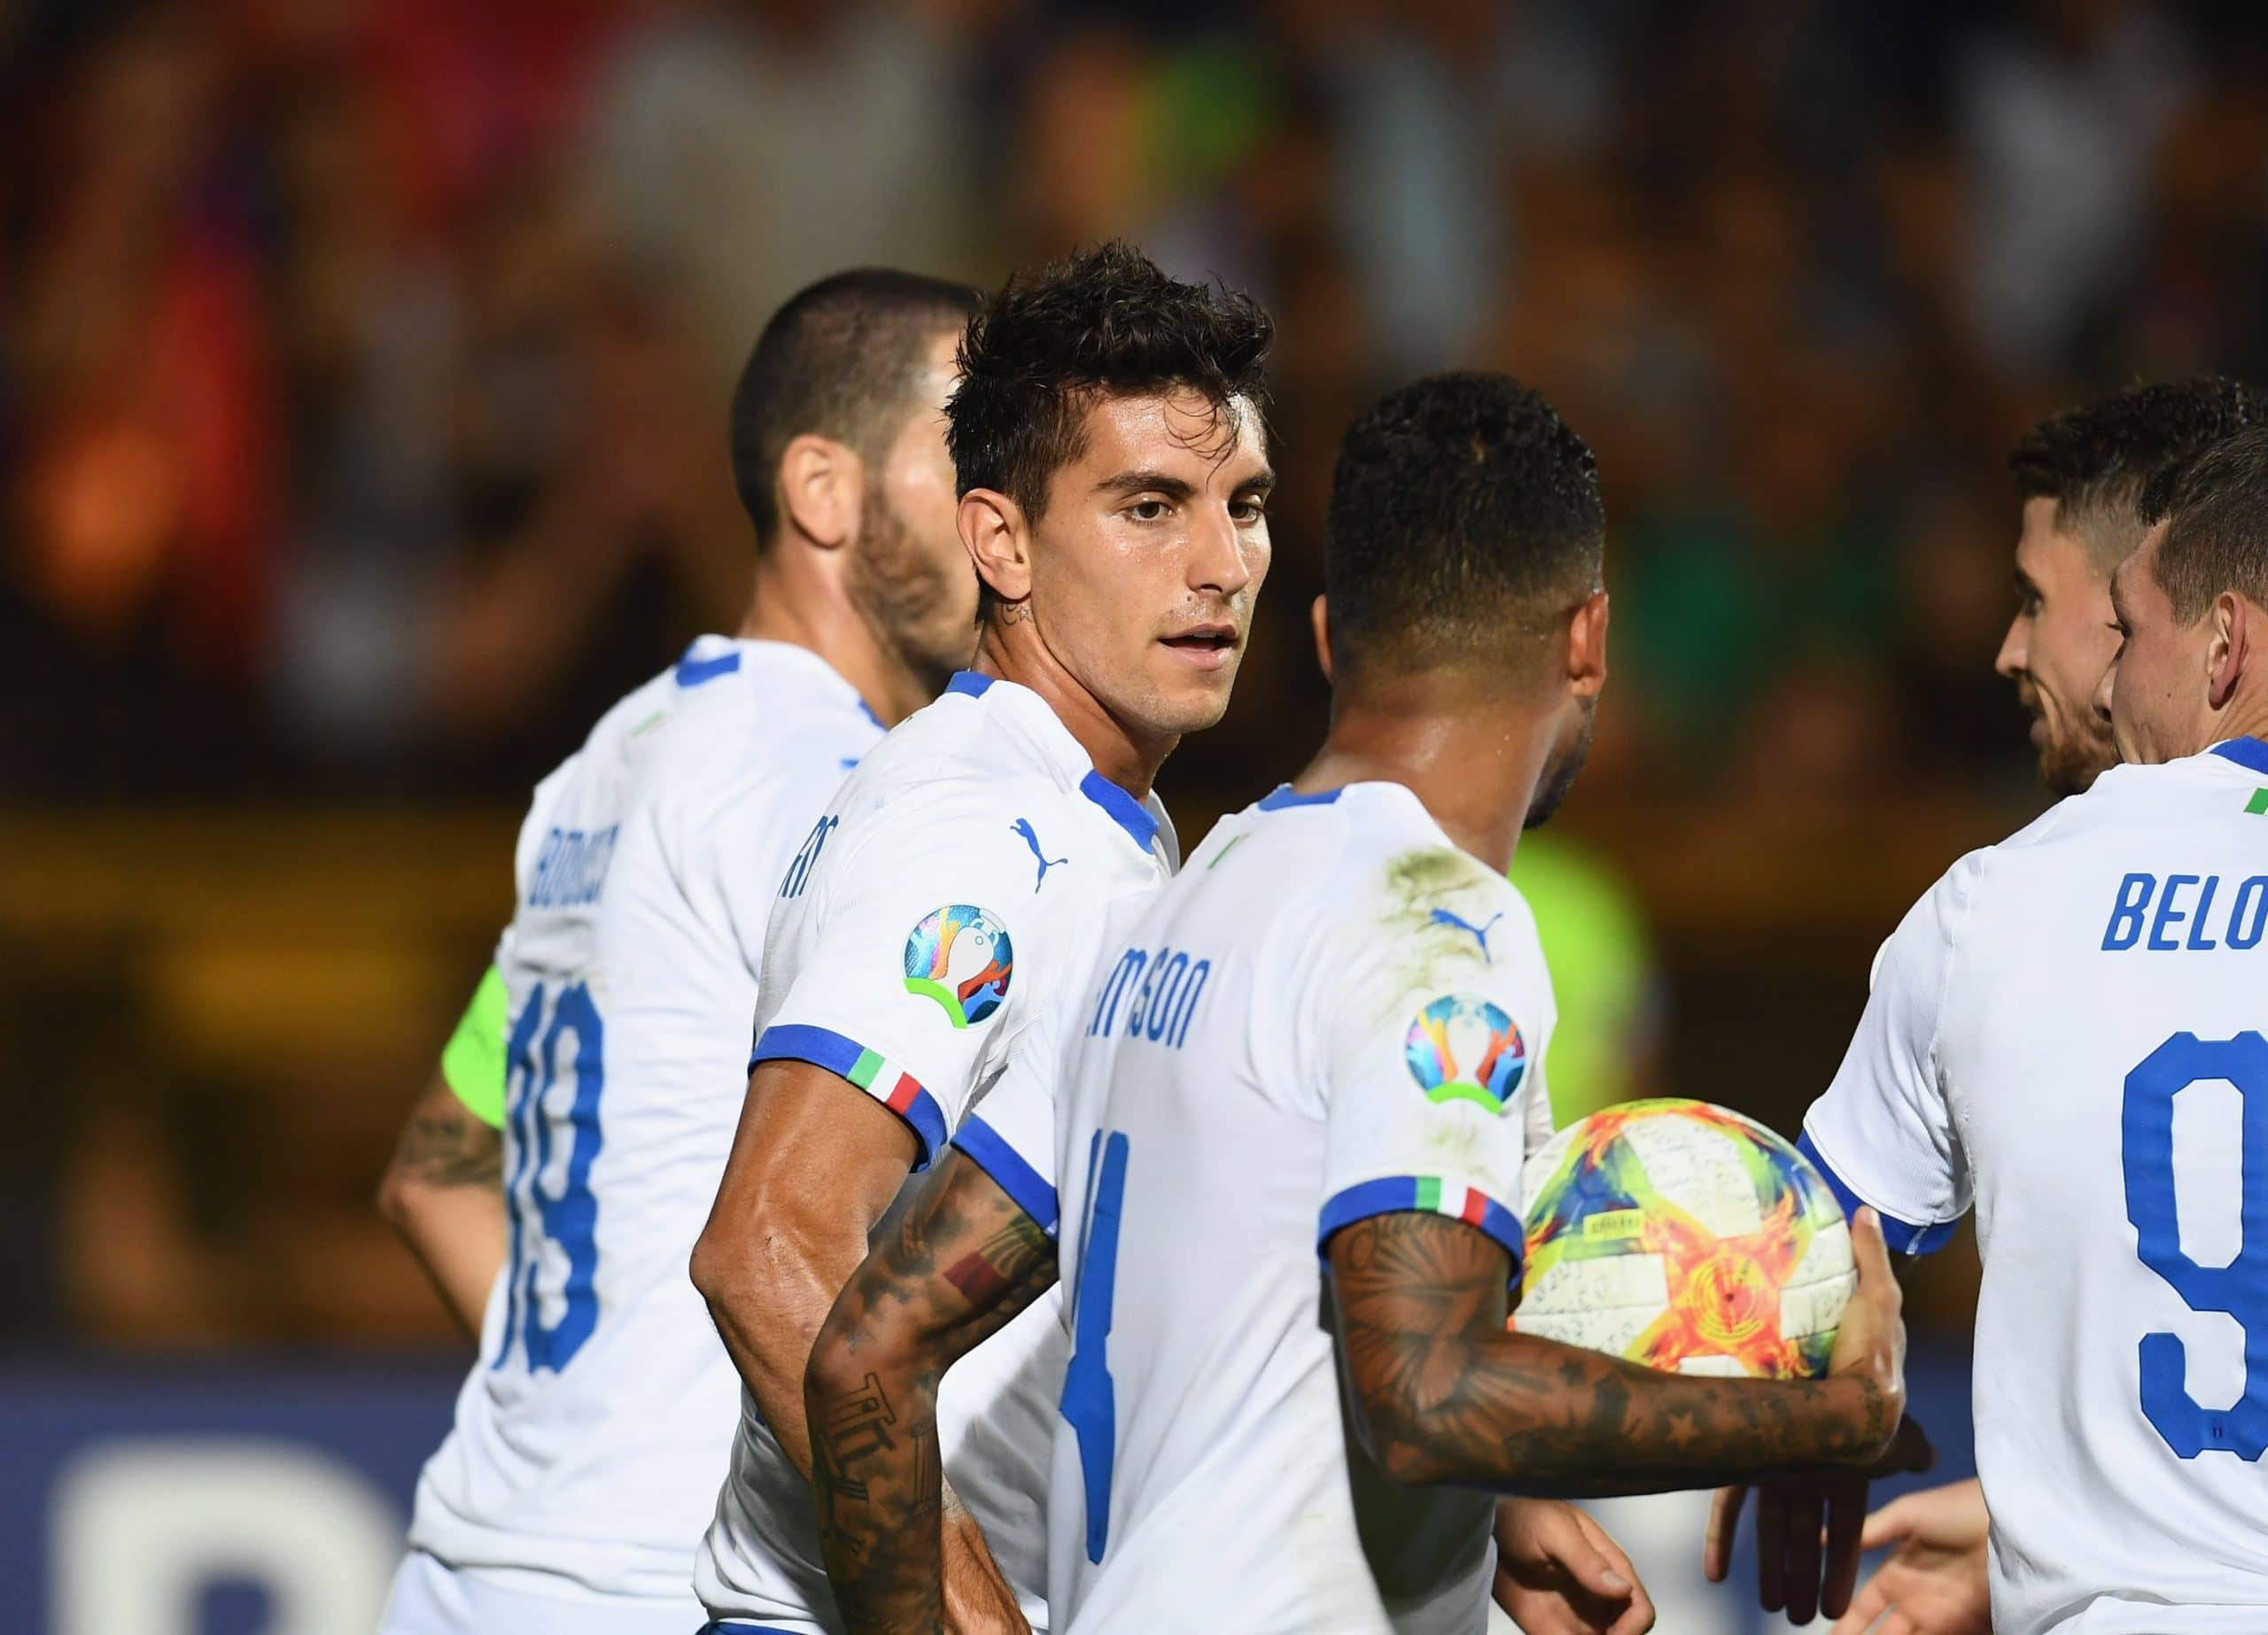 วิเคราะห์ฟุตบอล ฟุตบอล ยูฟ่า ยูโร 2020 รอบคัดเลือก | ฟินแลนด์ vs อิตาลี 08/09/19